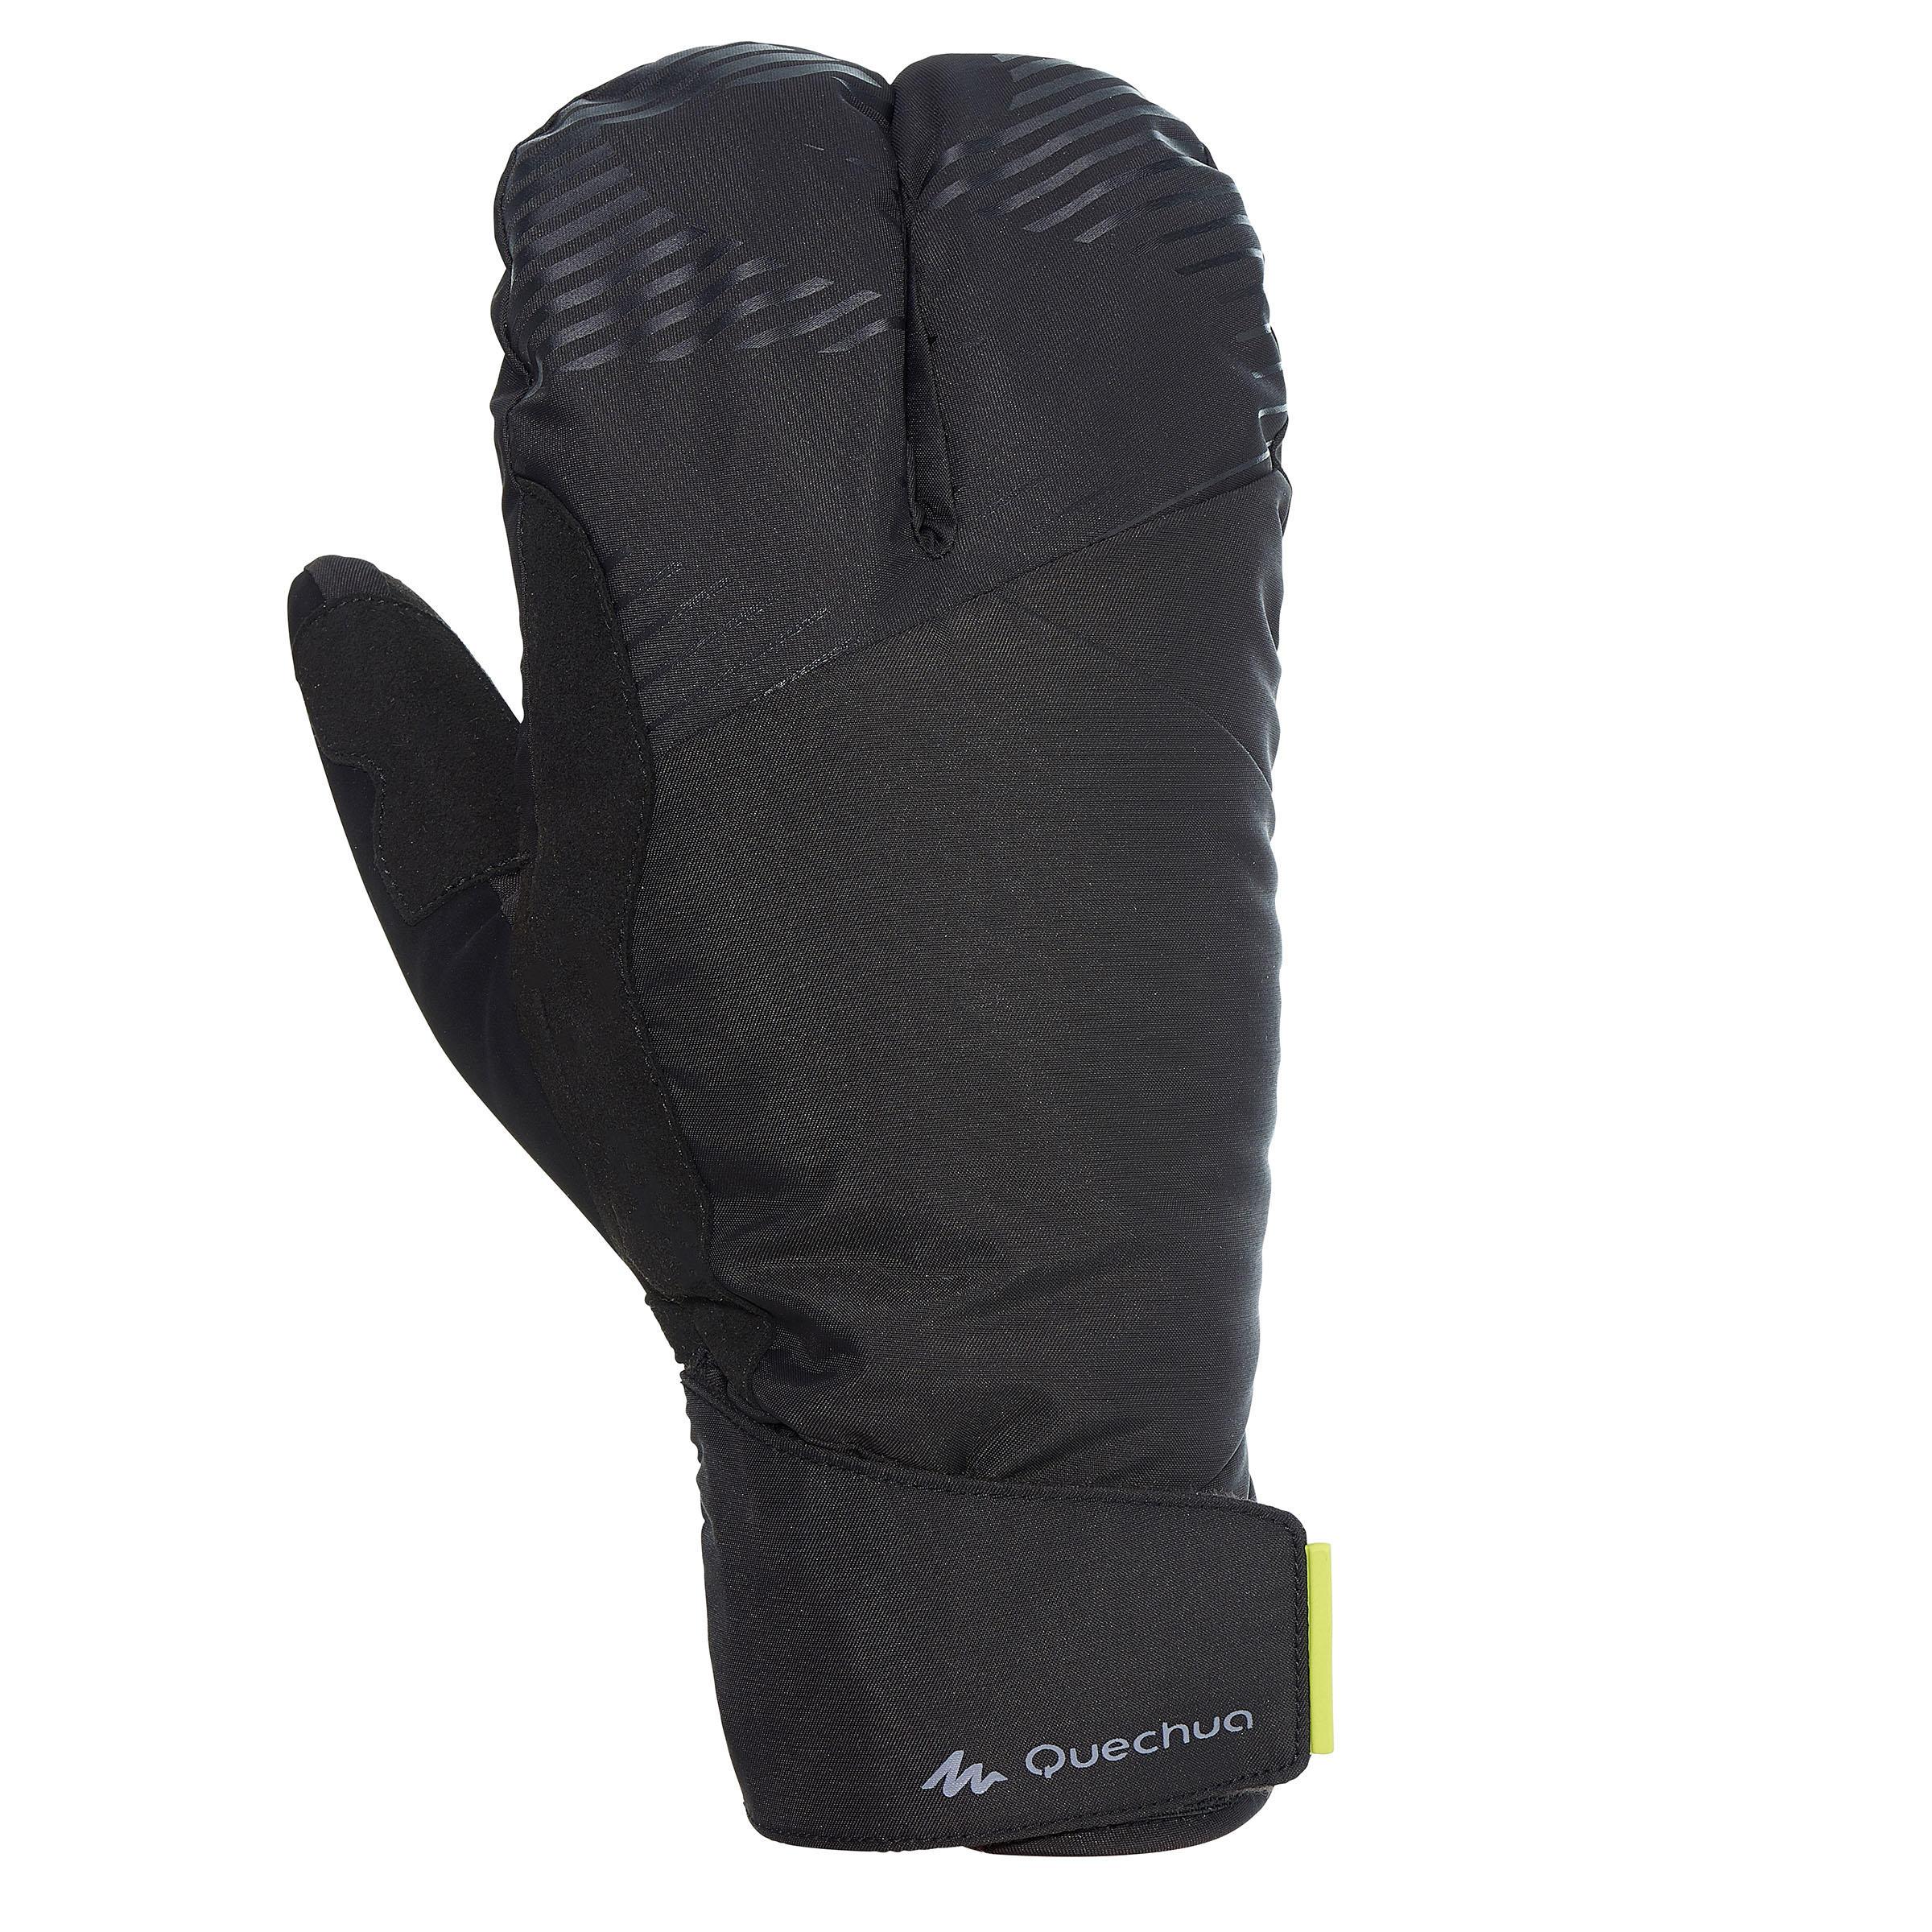 Quechua Handschoenen voor langlaufen X-warm zwart thumbnail